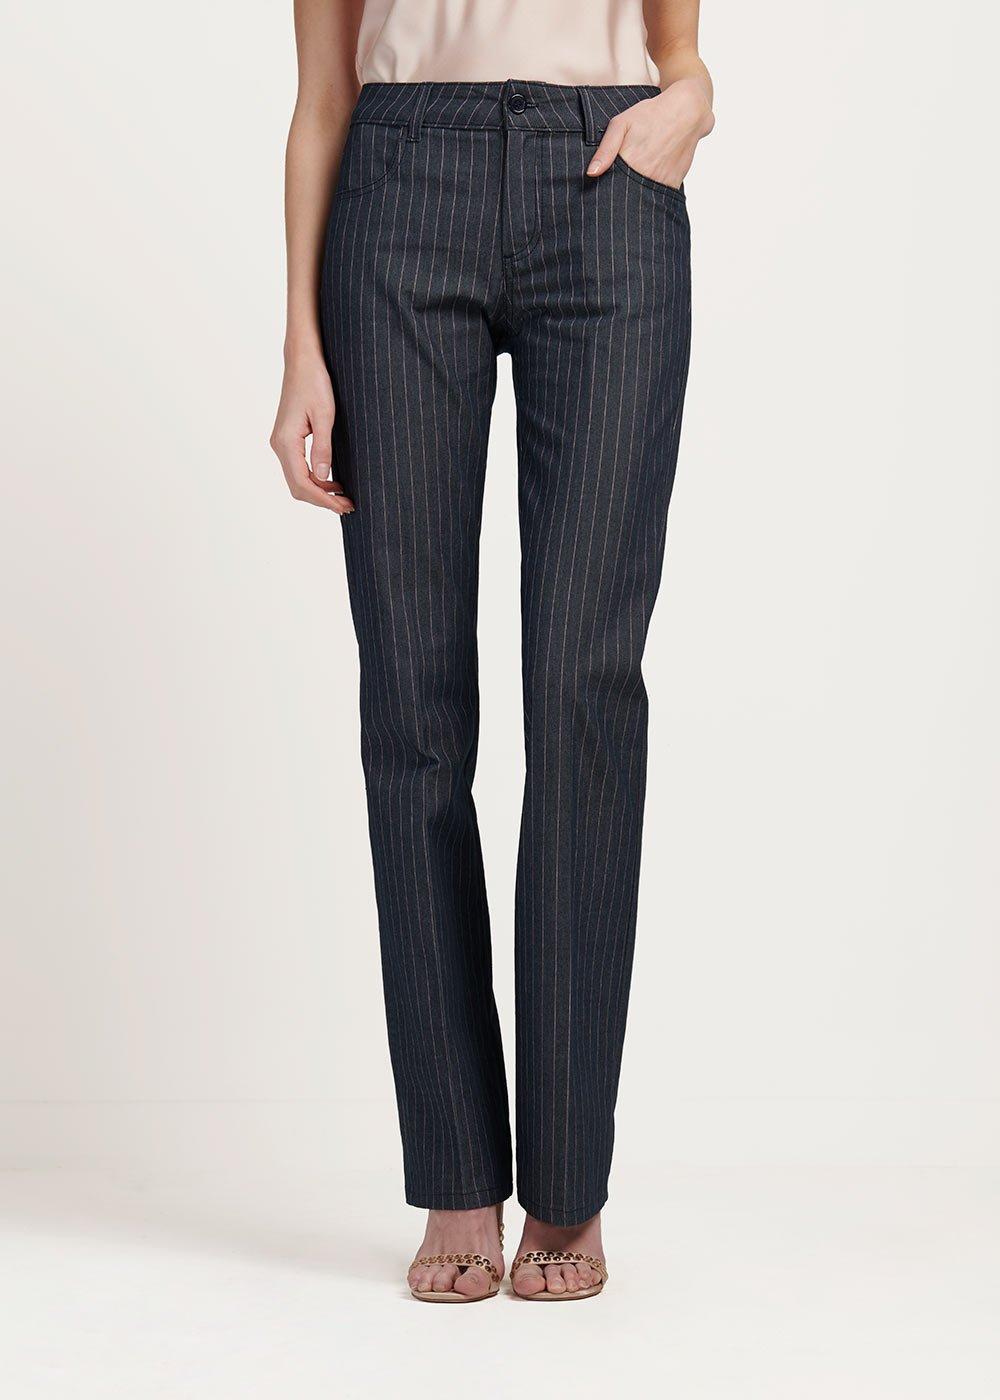 Pantalone modello Cindy fantasia gessata - Denim\rosa Stripes - Donna